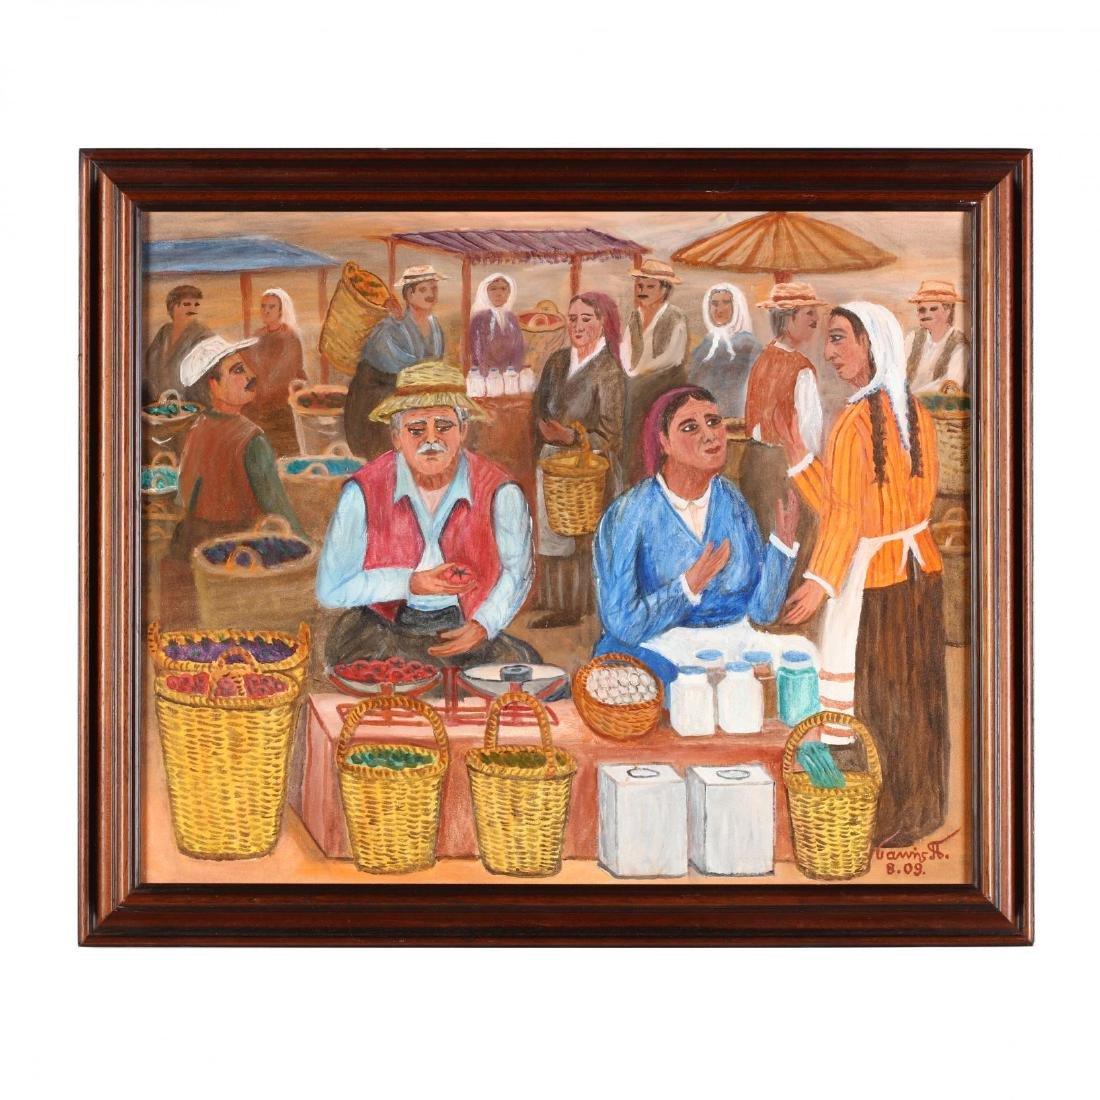 Yiannis Pelekanos (Cypriot, b. 1937), Open Air Market